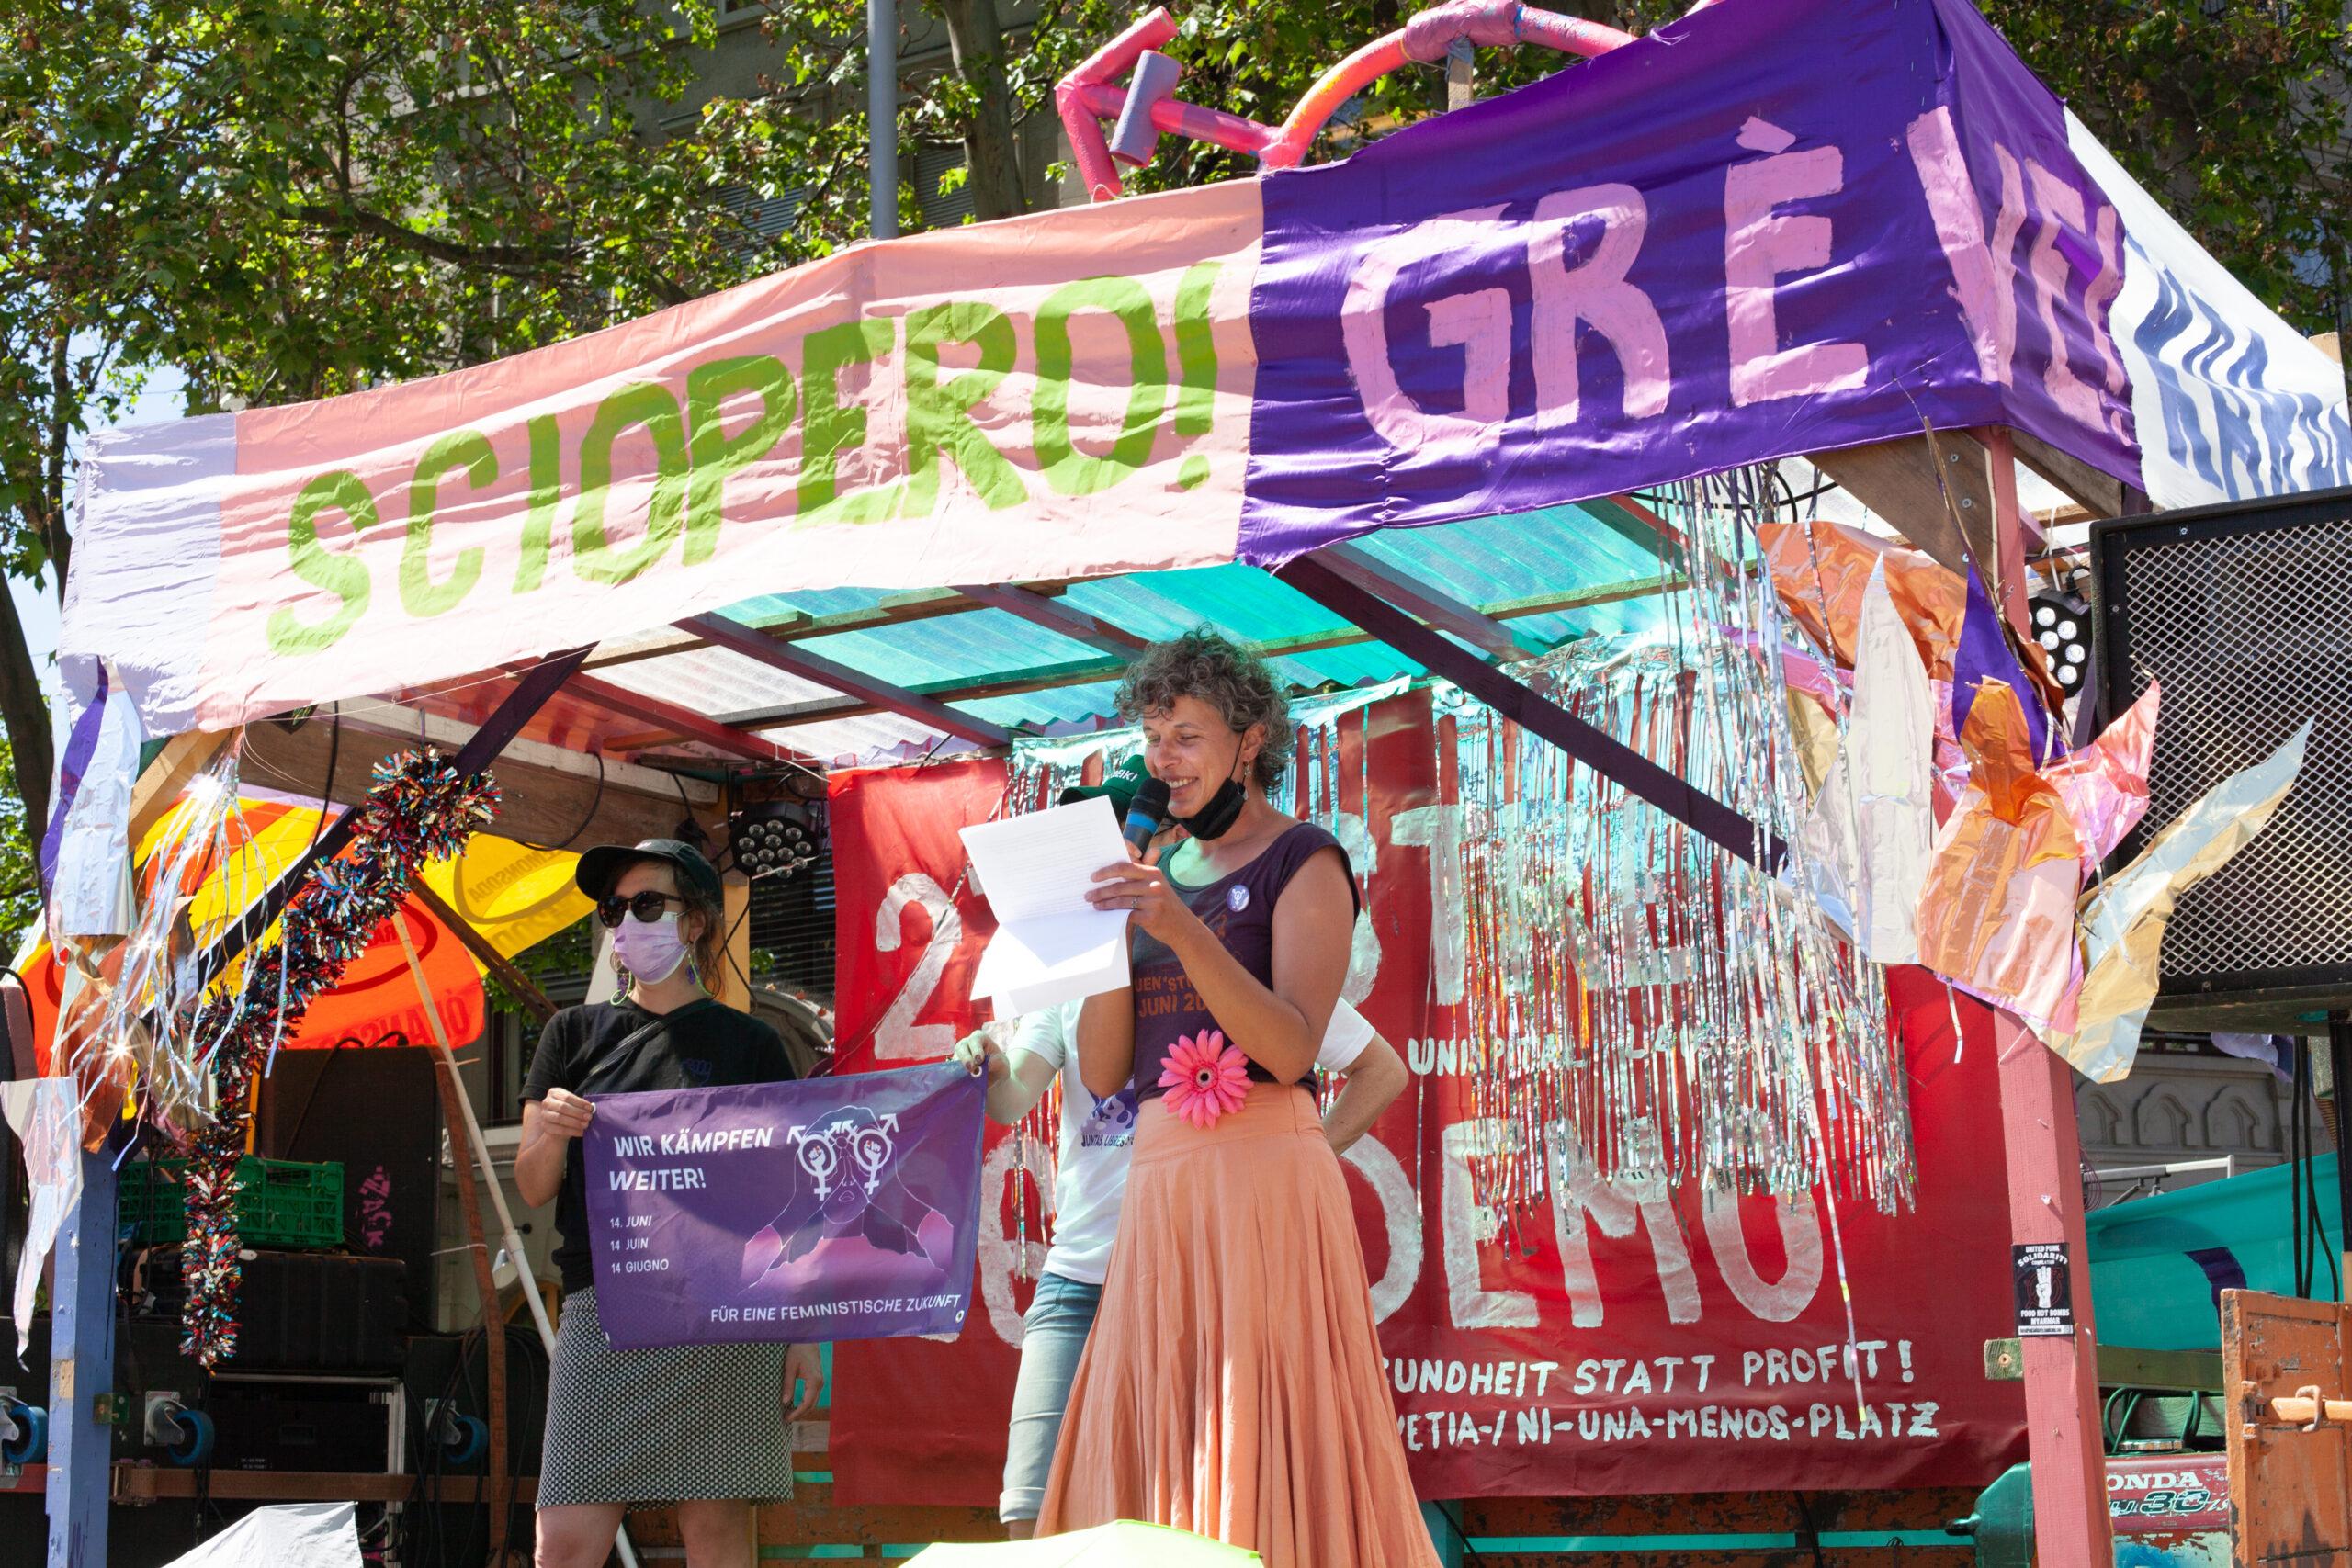 Der mit Bannern dekorierte Demo-Wagen. Zwei Personen auf der Bühne, das Banner des streikkollektiv hochhalten. Eine Person spricht ins Mikrofon während sie ein Blatt liest.